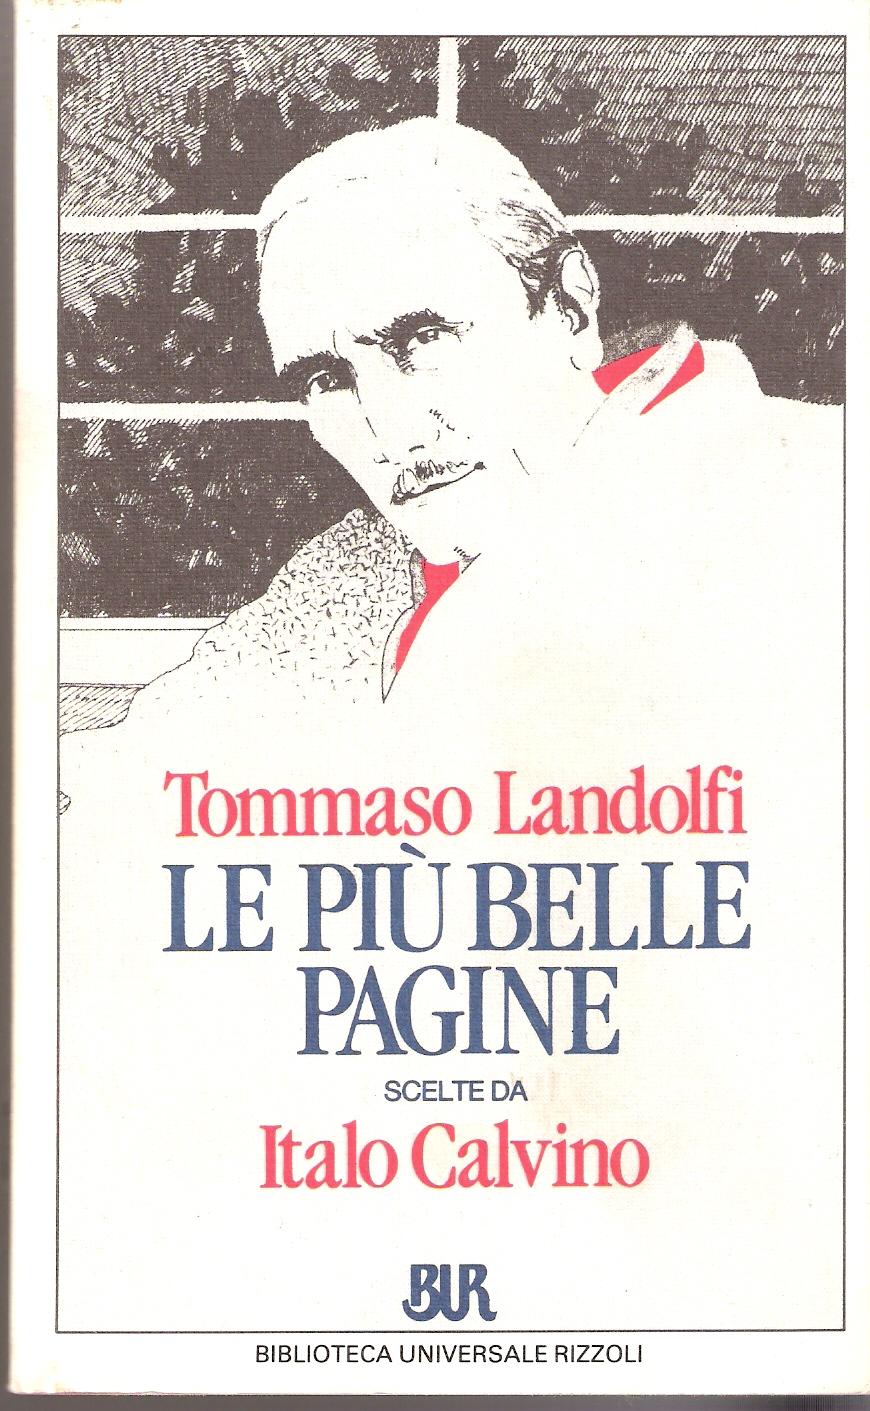 Le più belle pagine scelte da Italo Calvino